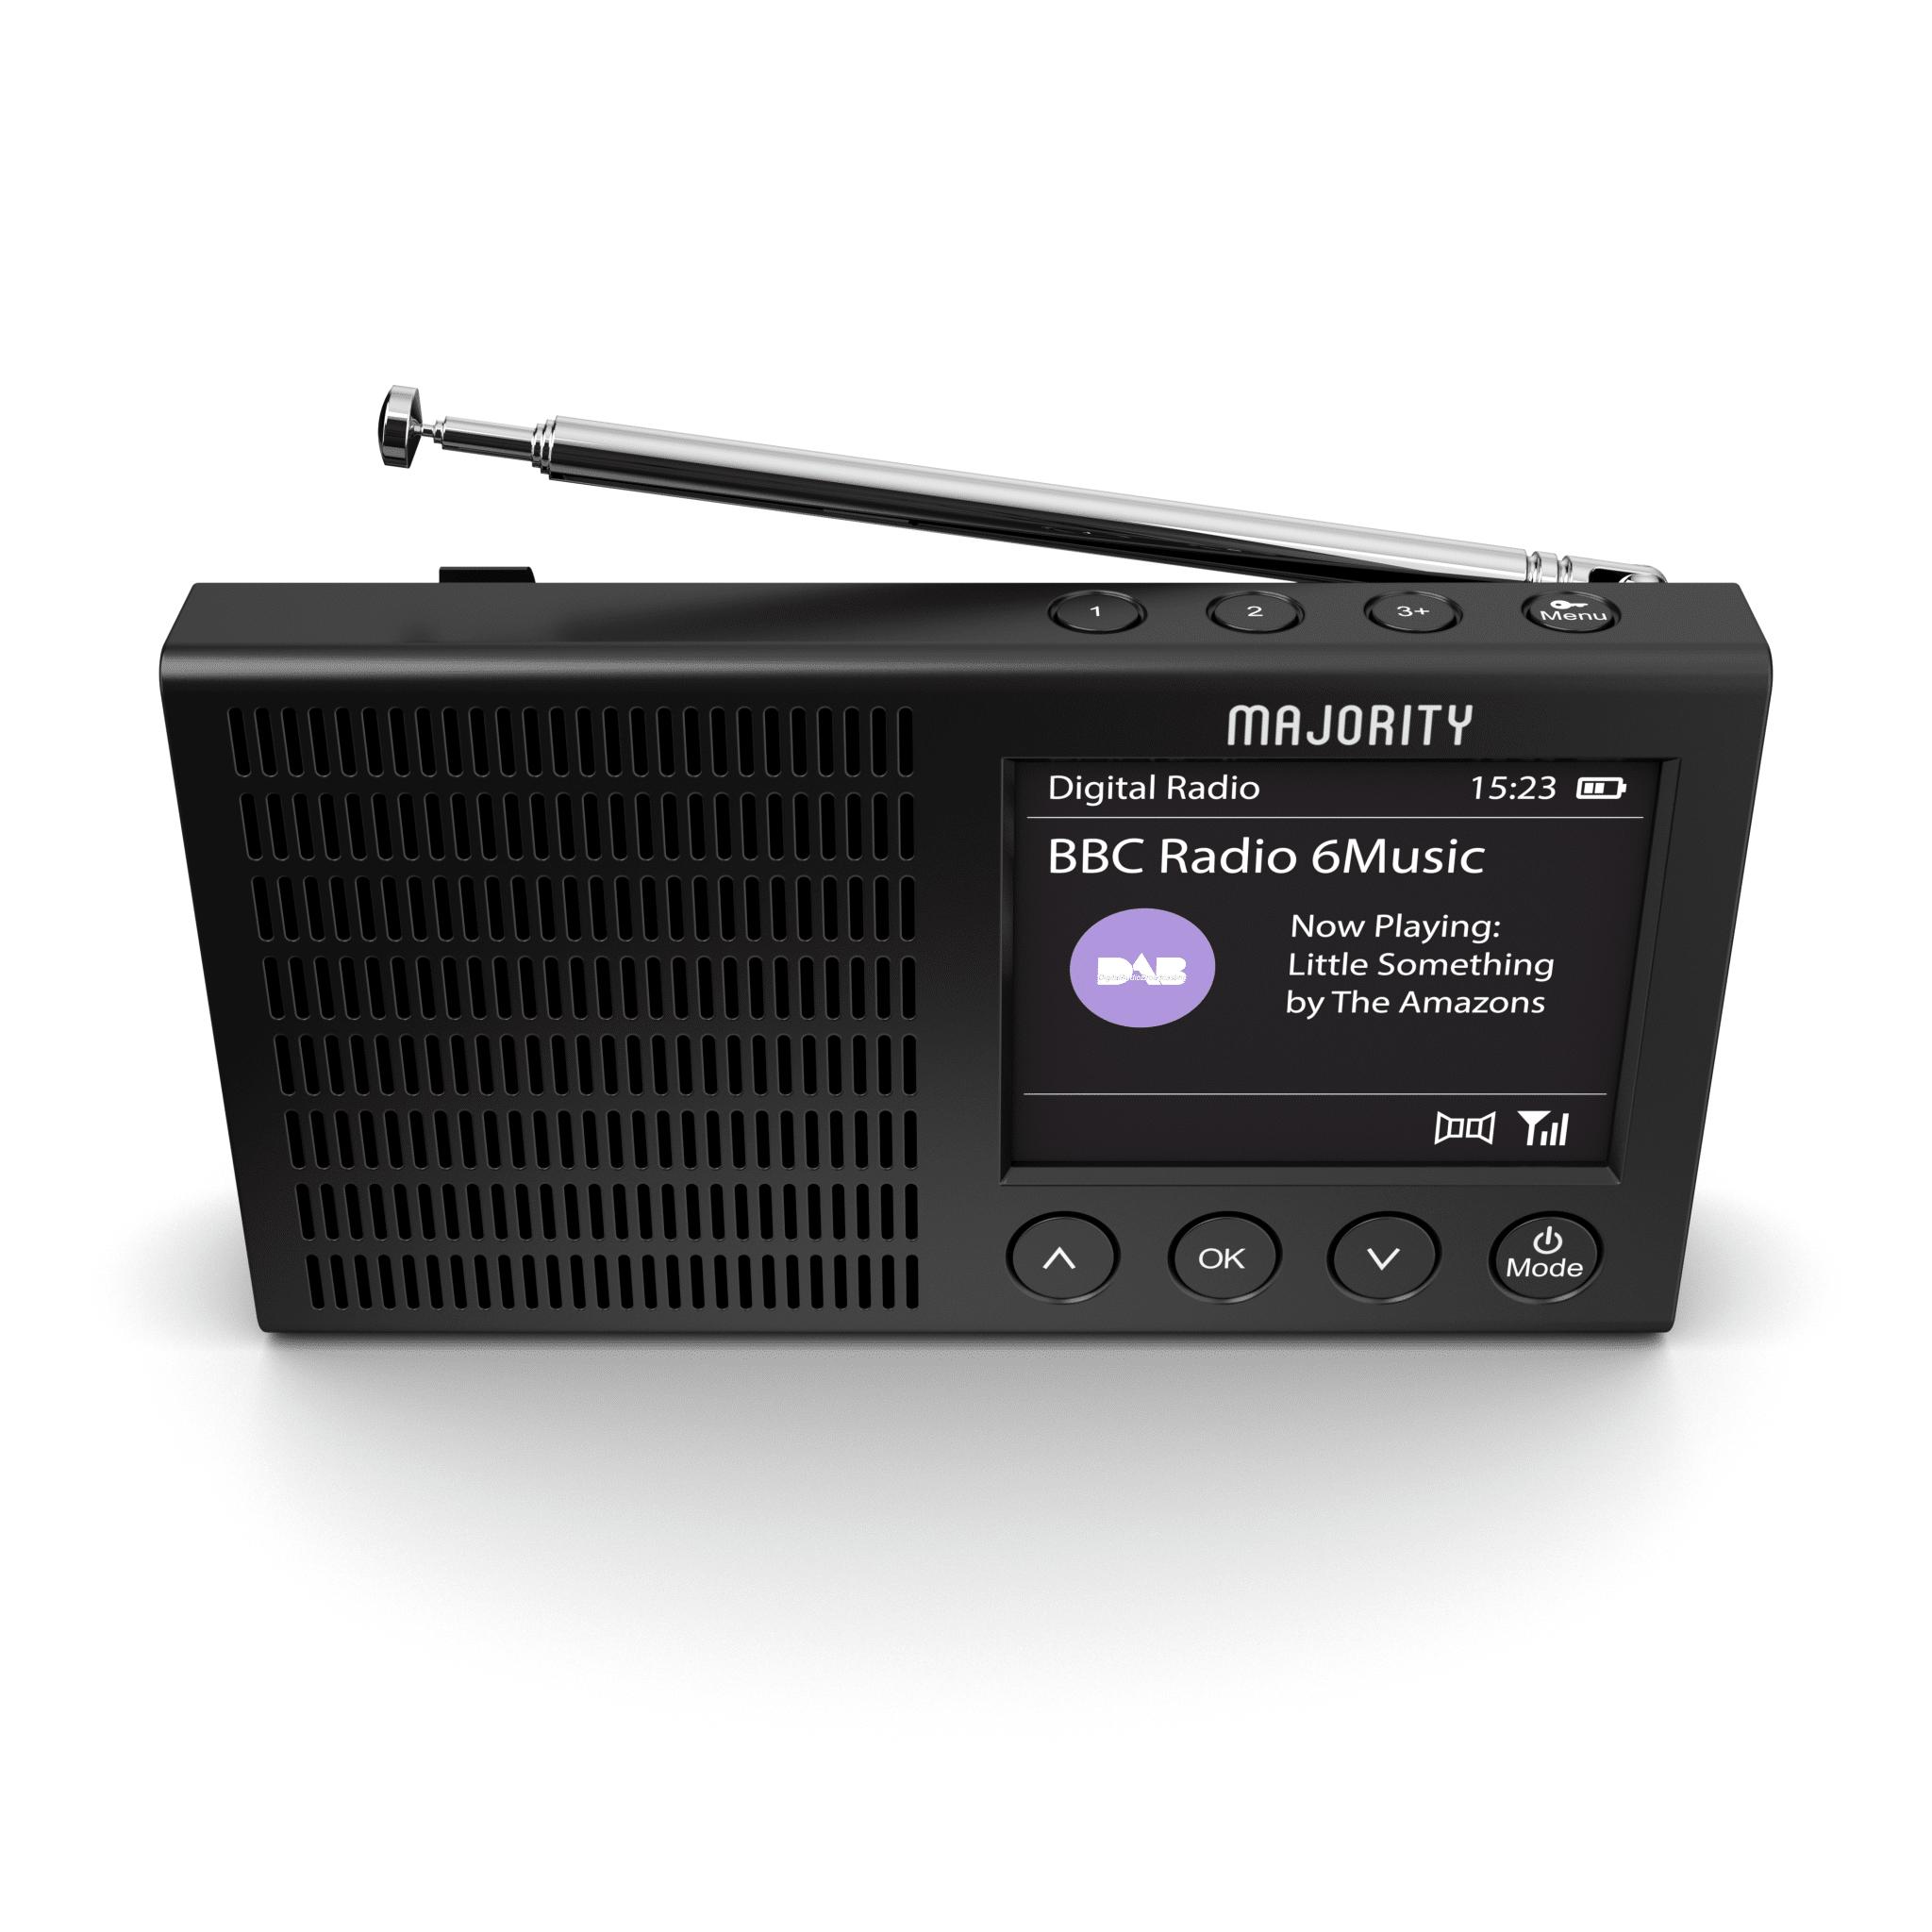 DAB+ Radio - Eddington Top